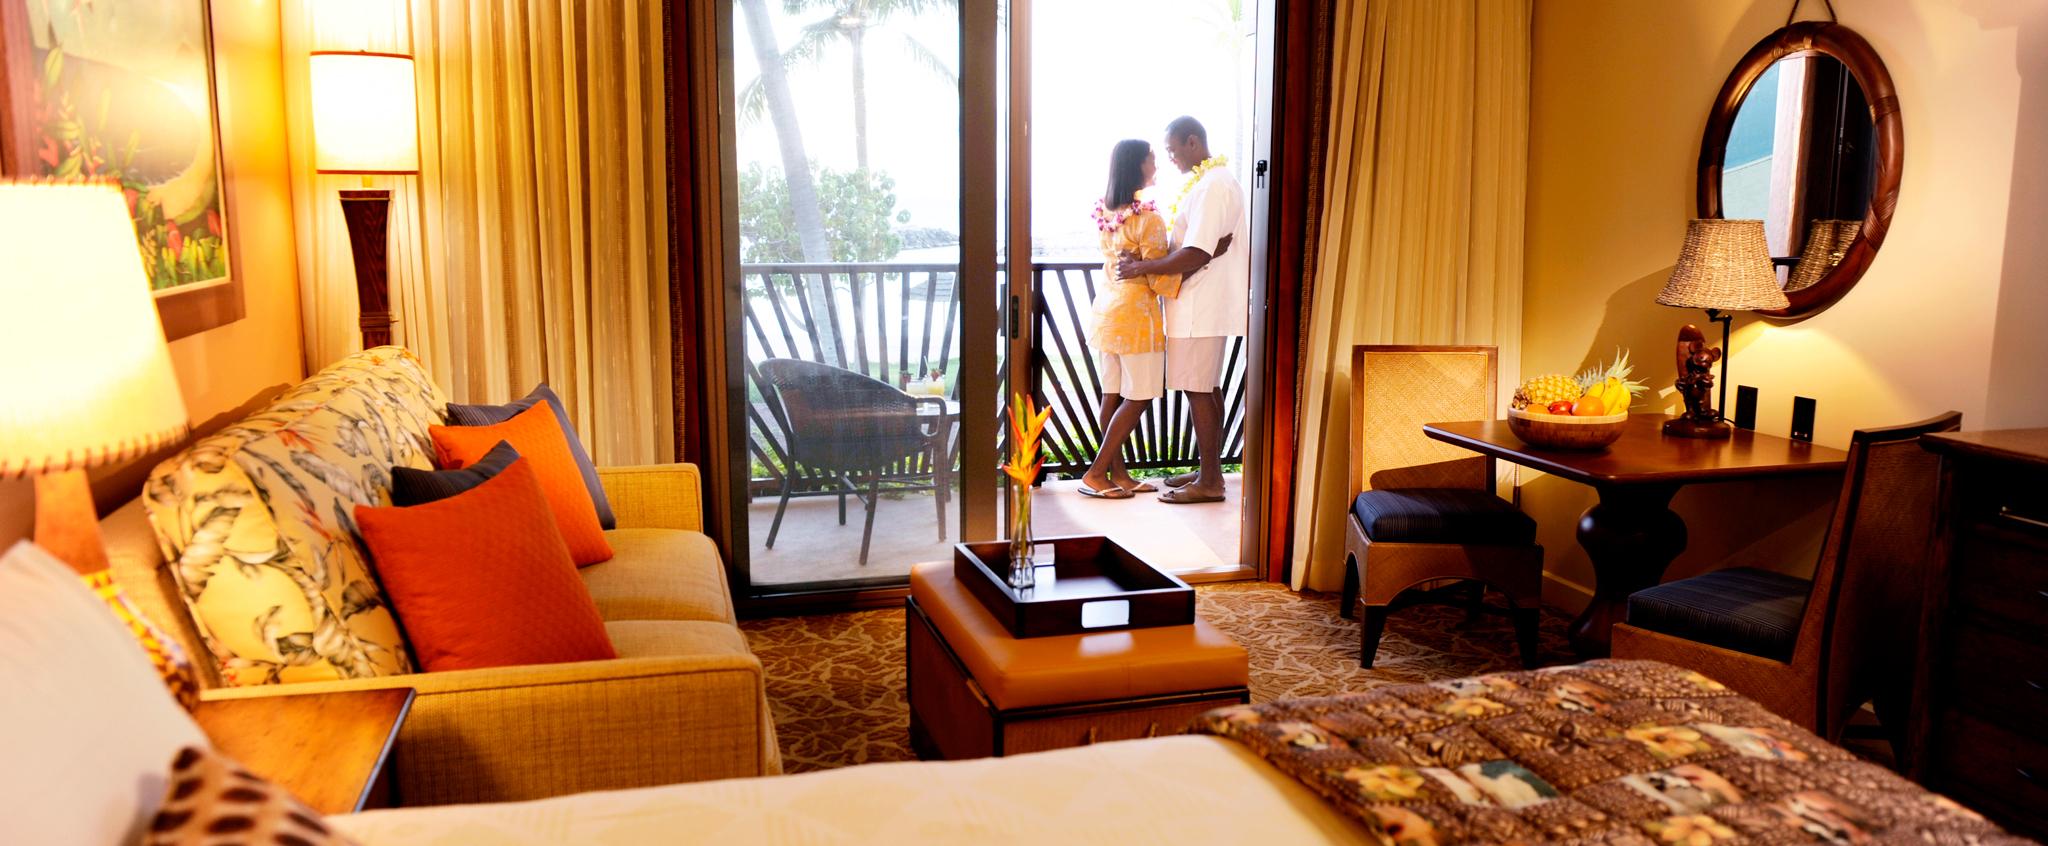 ゆったりとしたシッティング・エリアとハワイ風のインテリアを特徴とする客室のバルコニーで寄り添うカップル